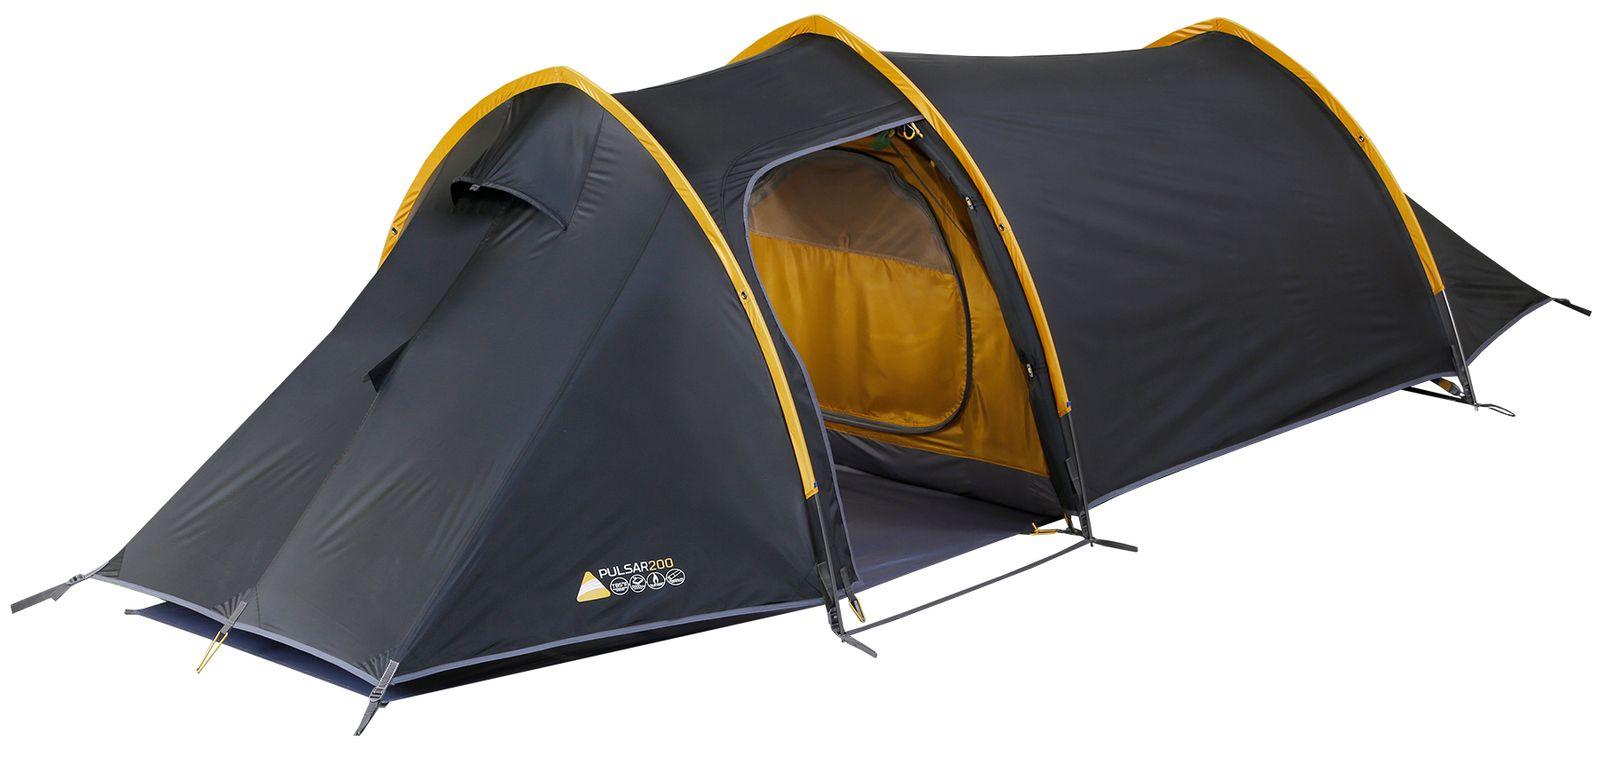 Backpack Hiking Tent – TLMODA